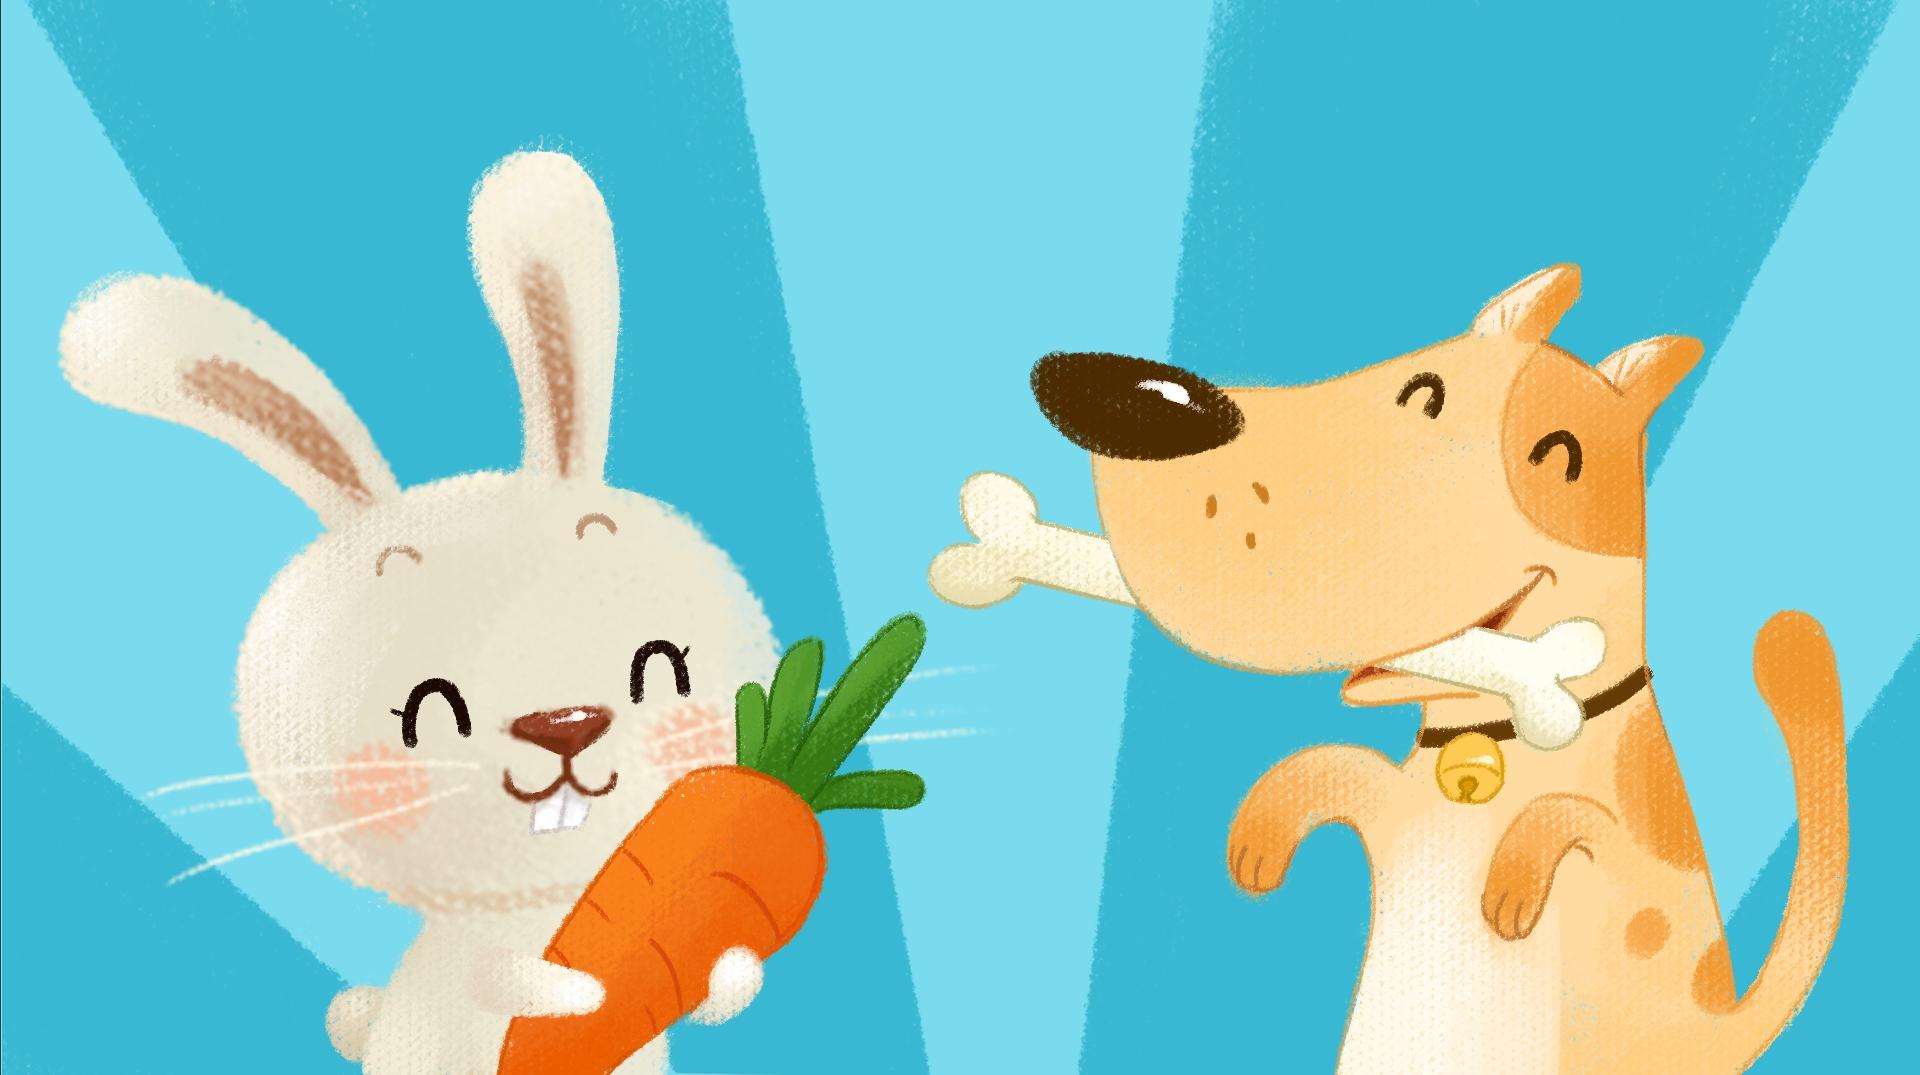 2015部分商稿-动画儿歌《宠物歌》图片